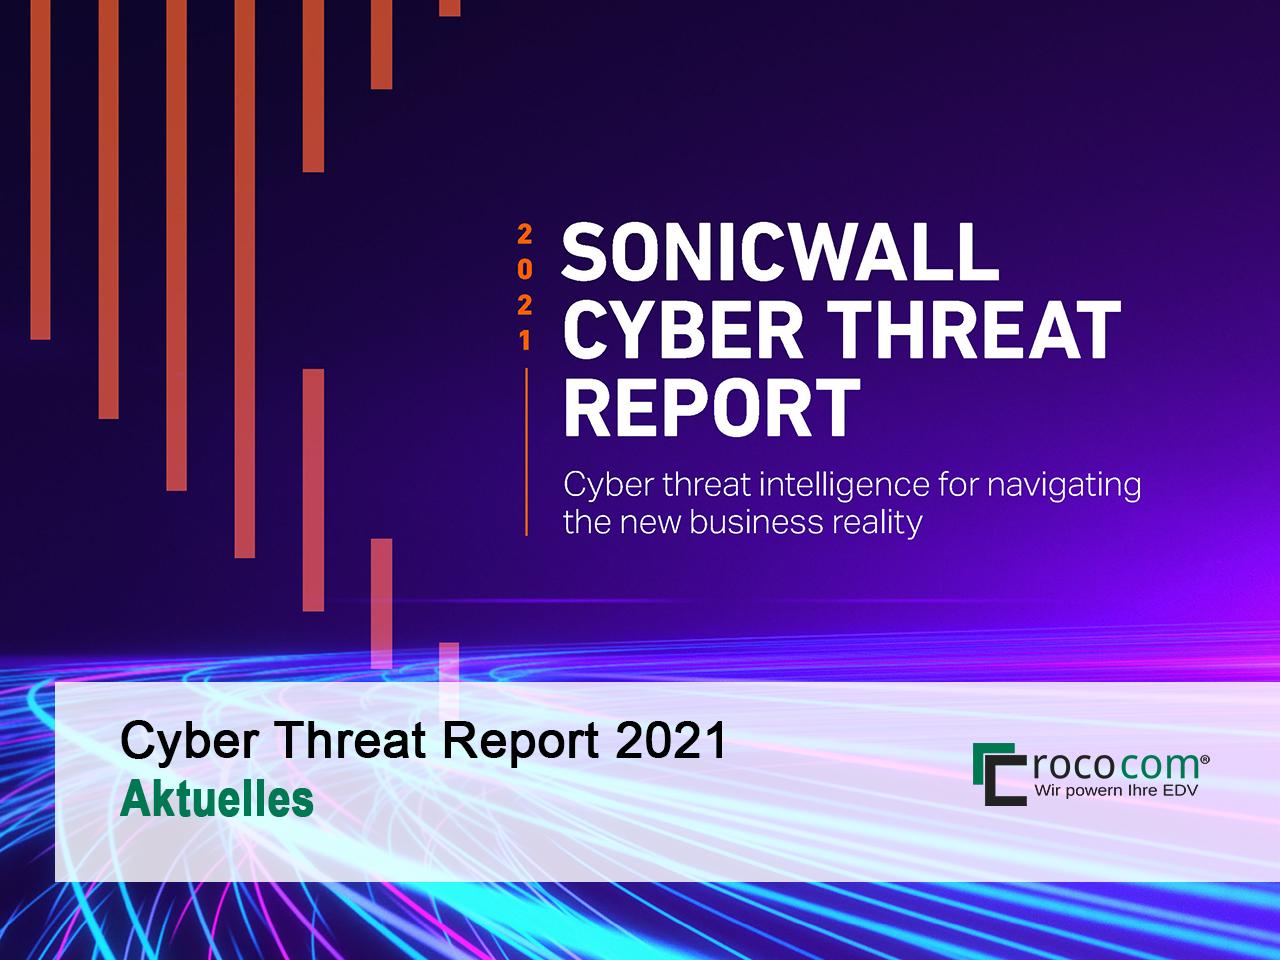 2020 war ein Rekordjahr für Cyberkriminalität